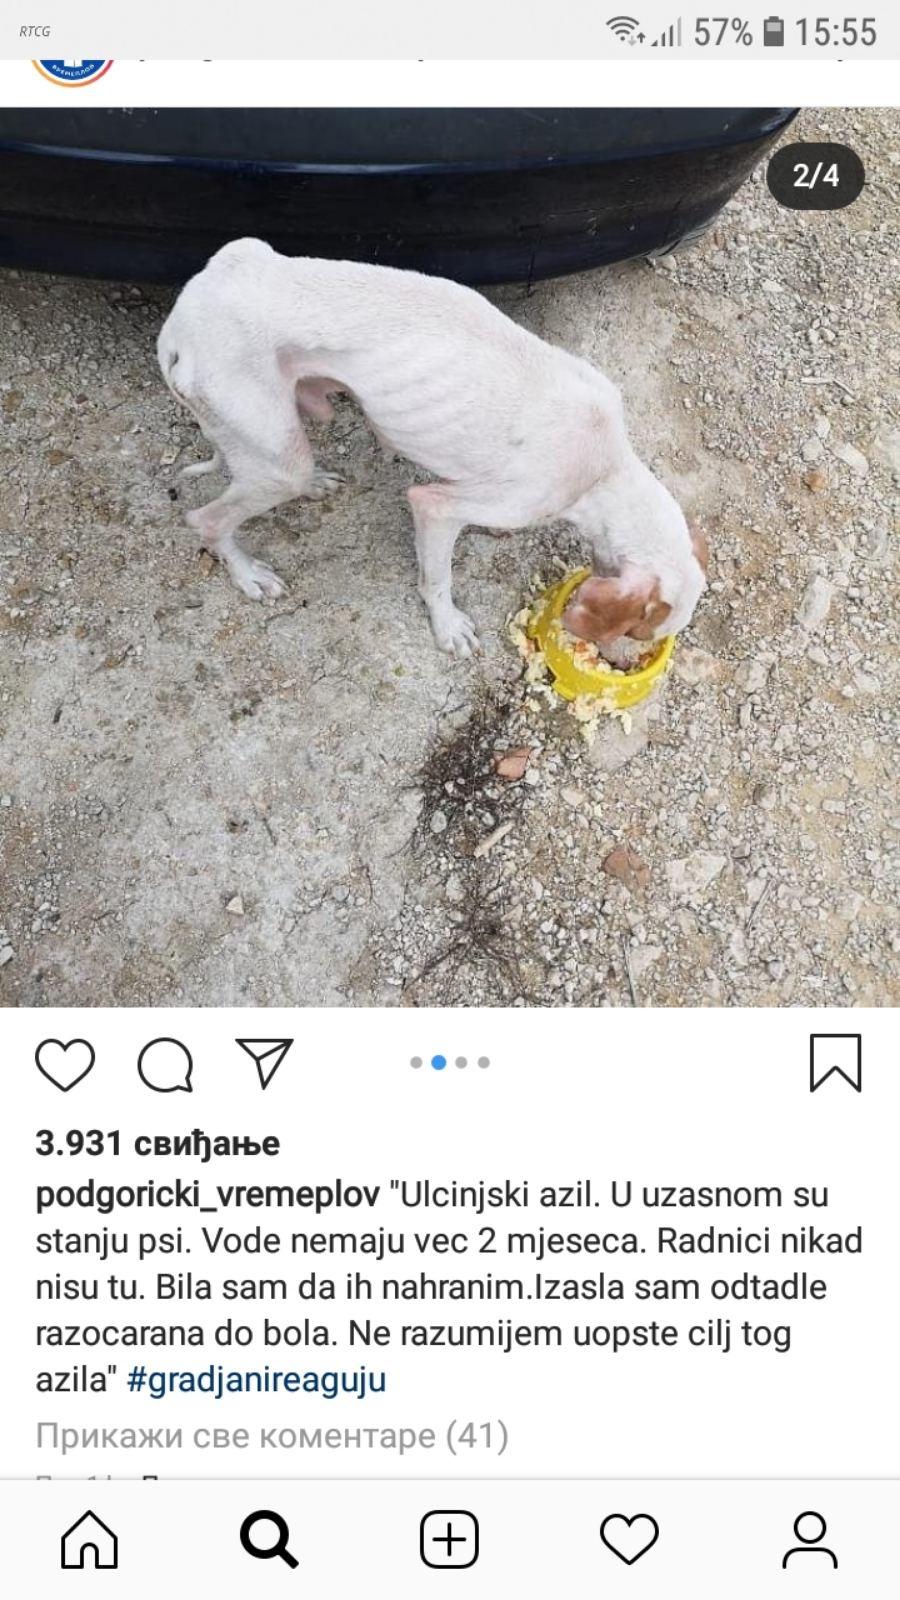 Jedna od slika izgladnjelog psa objavljena na Fejsbuku